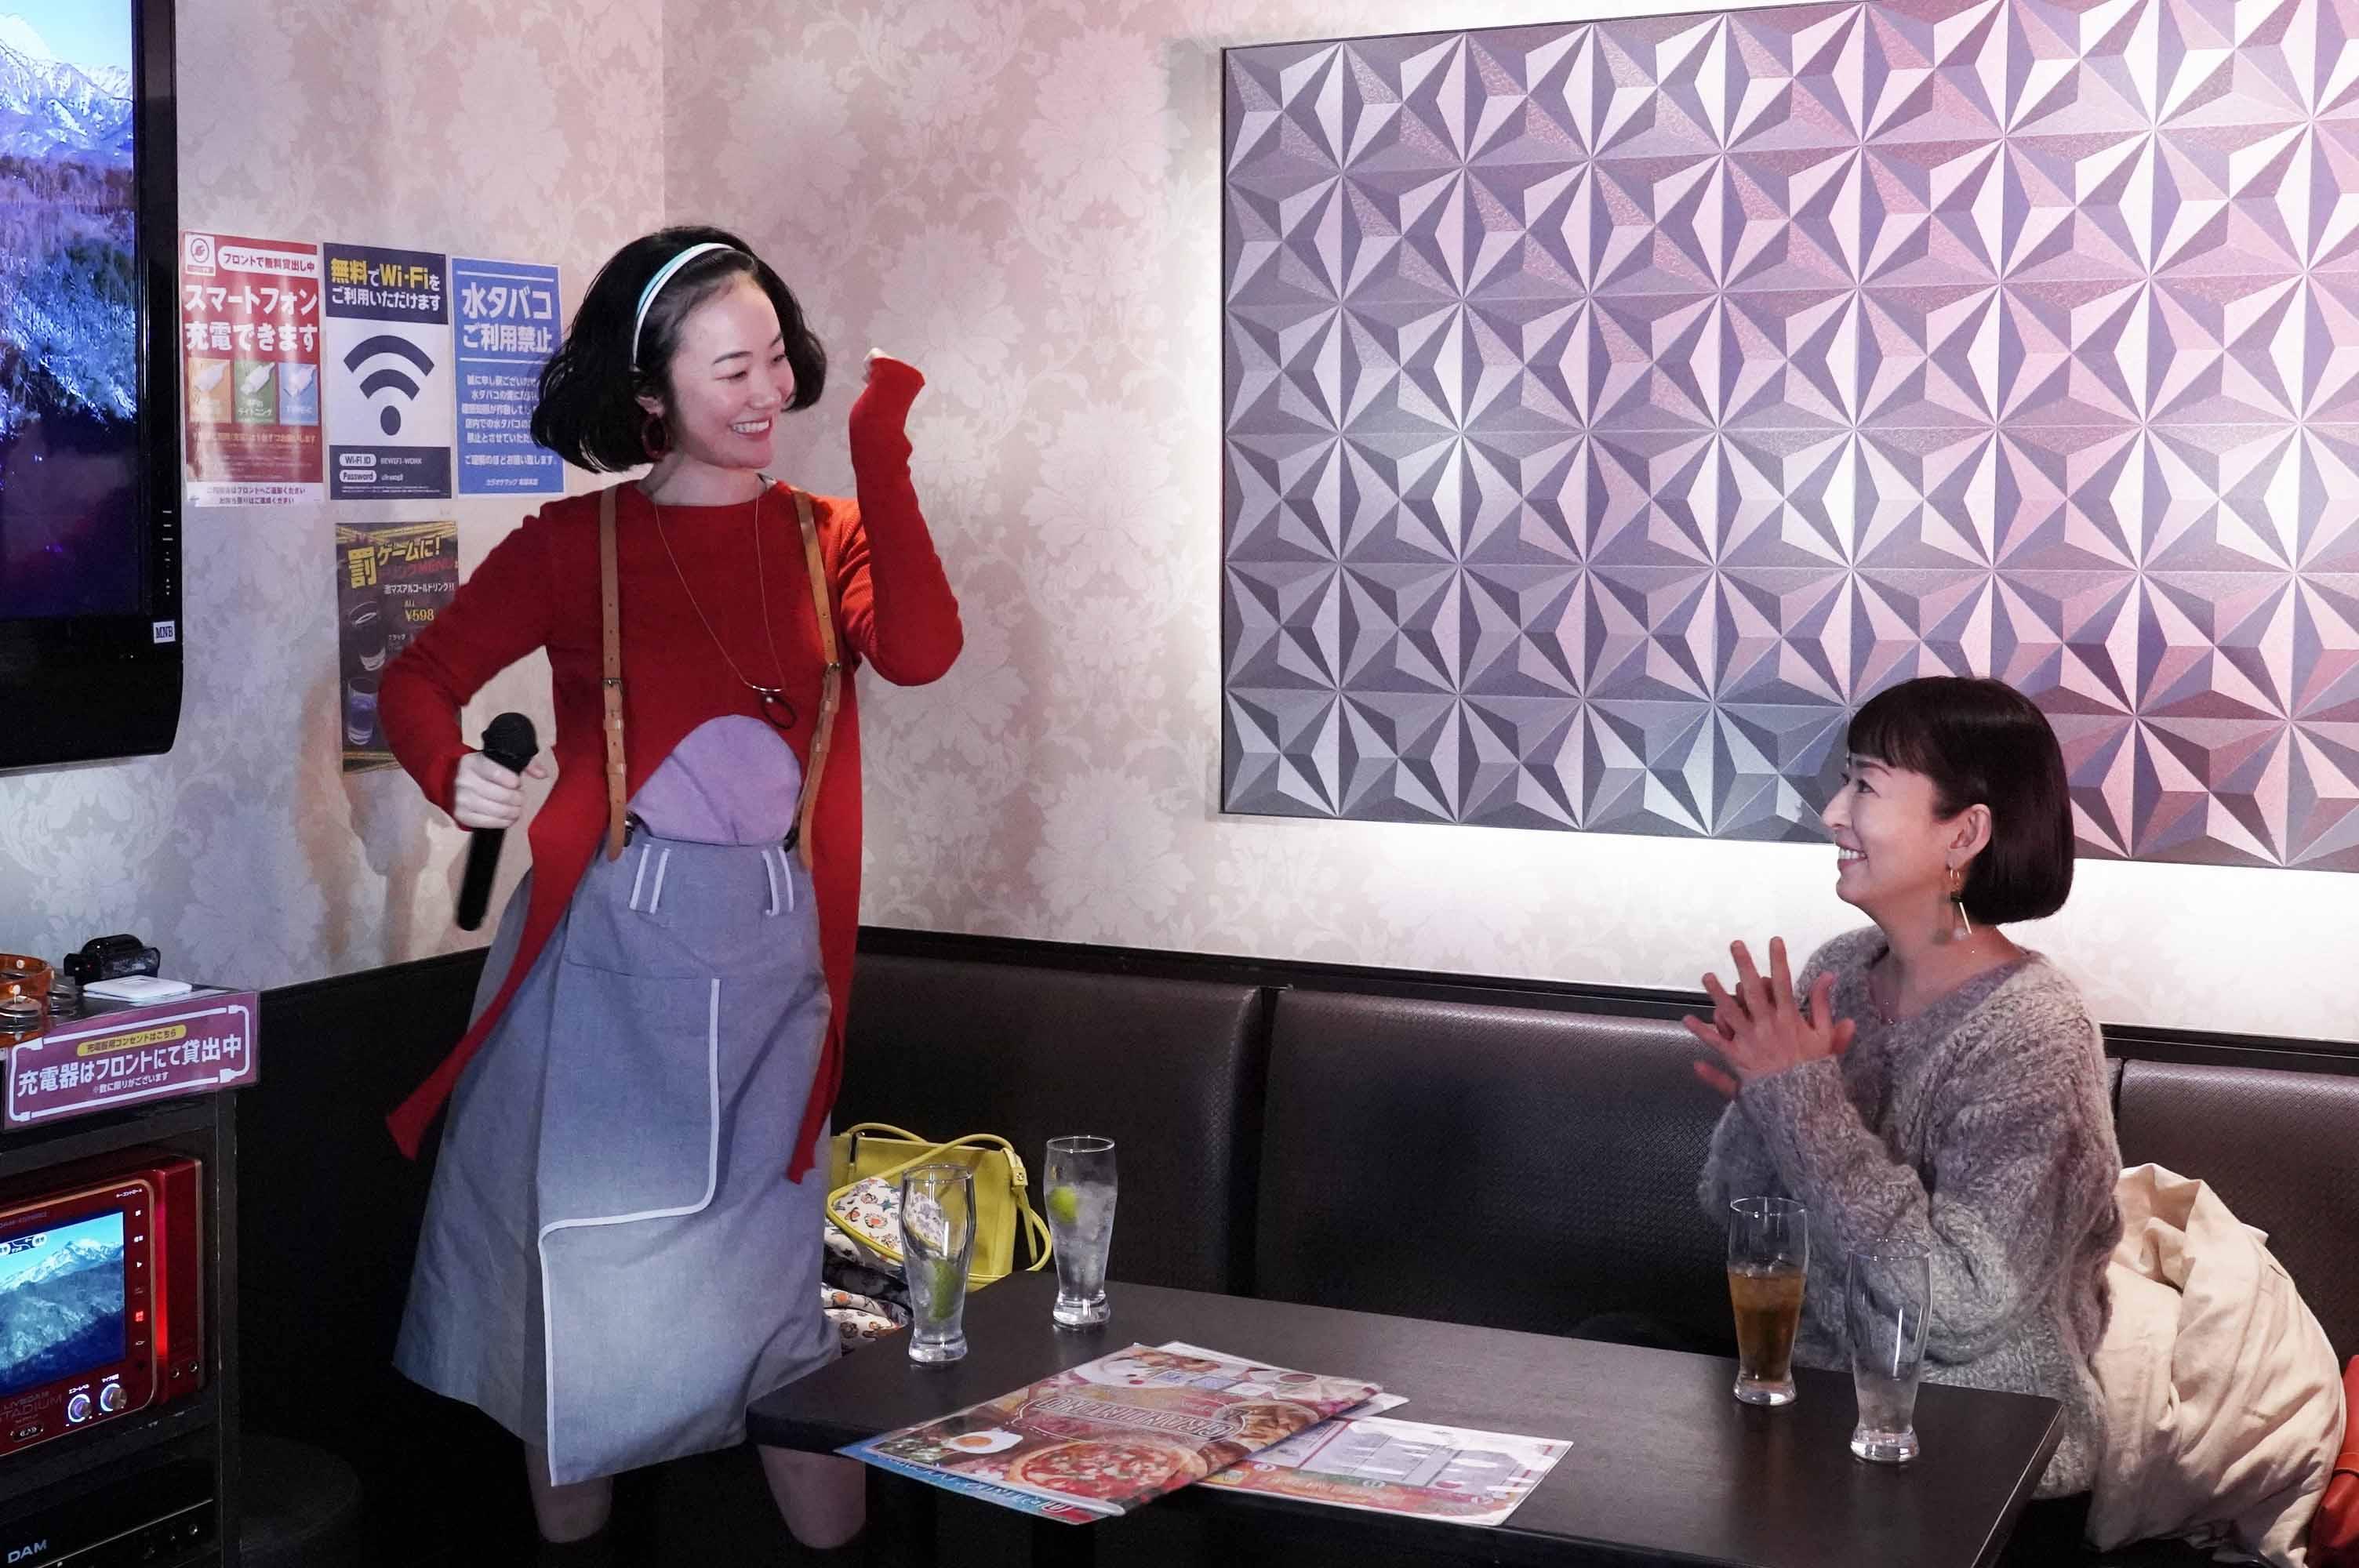 《用甜酒漱口》大九明子表示,自己並沒有向黑木華(左)解釋什麼關於若林這個角色的事情,反而和她說了很多關於佳子的事,因為若林必須是最了解佳子的人